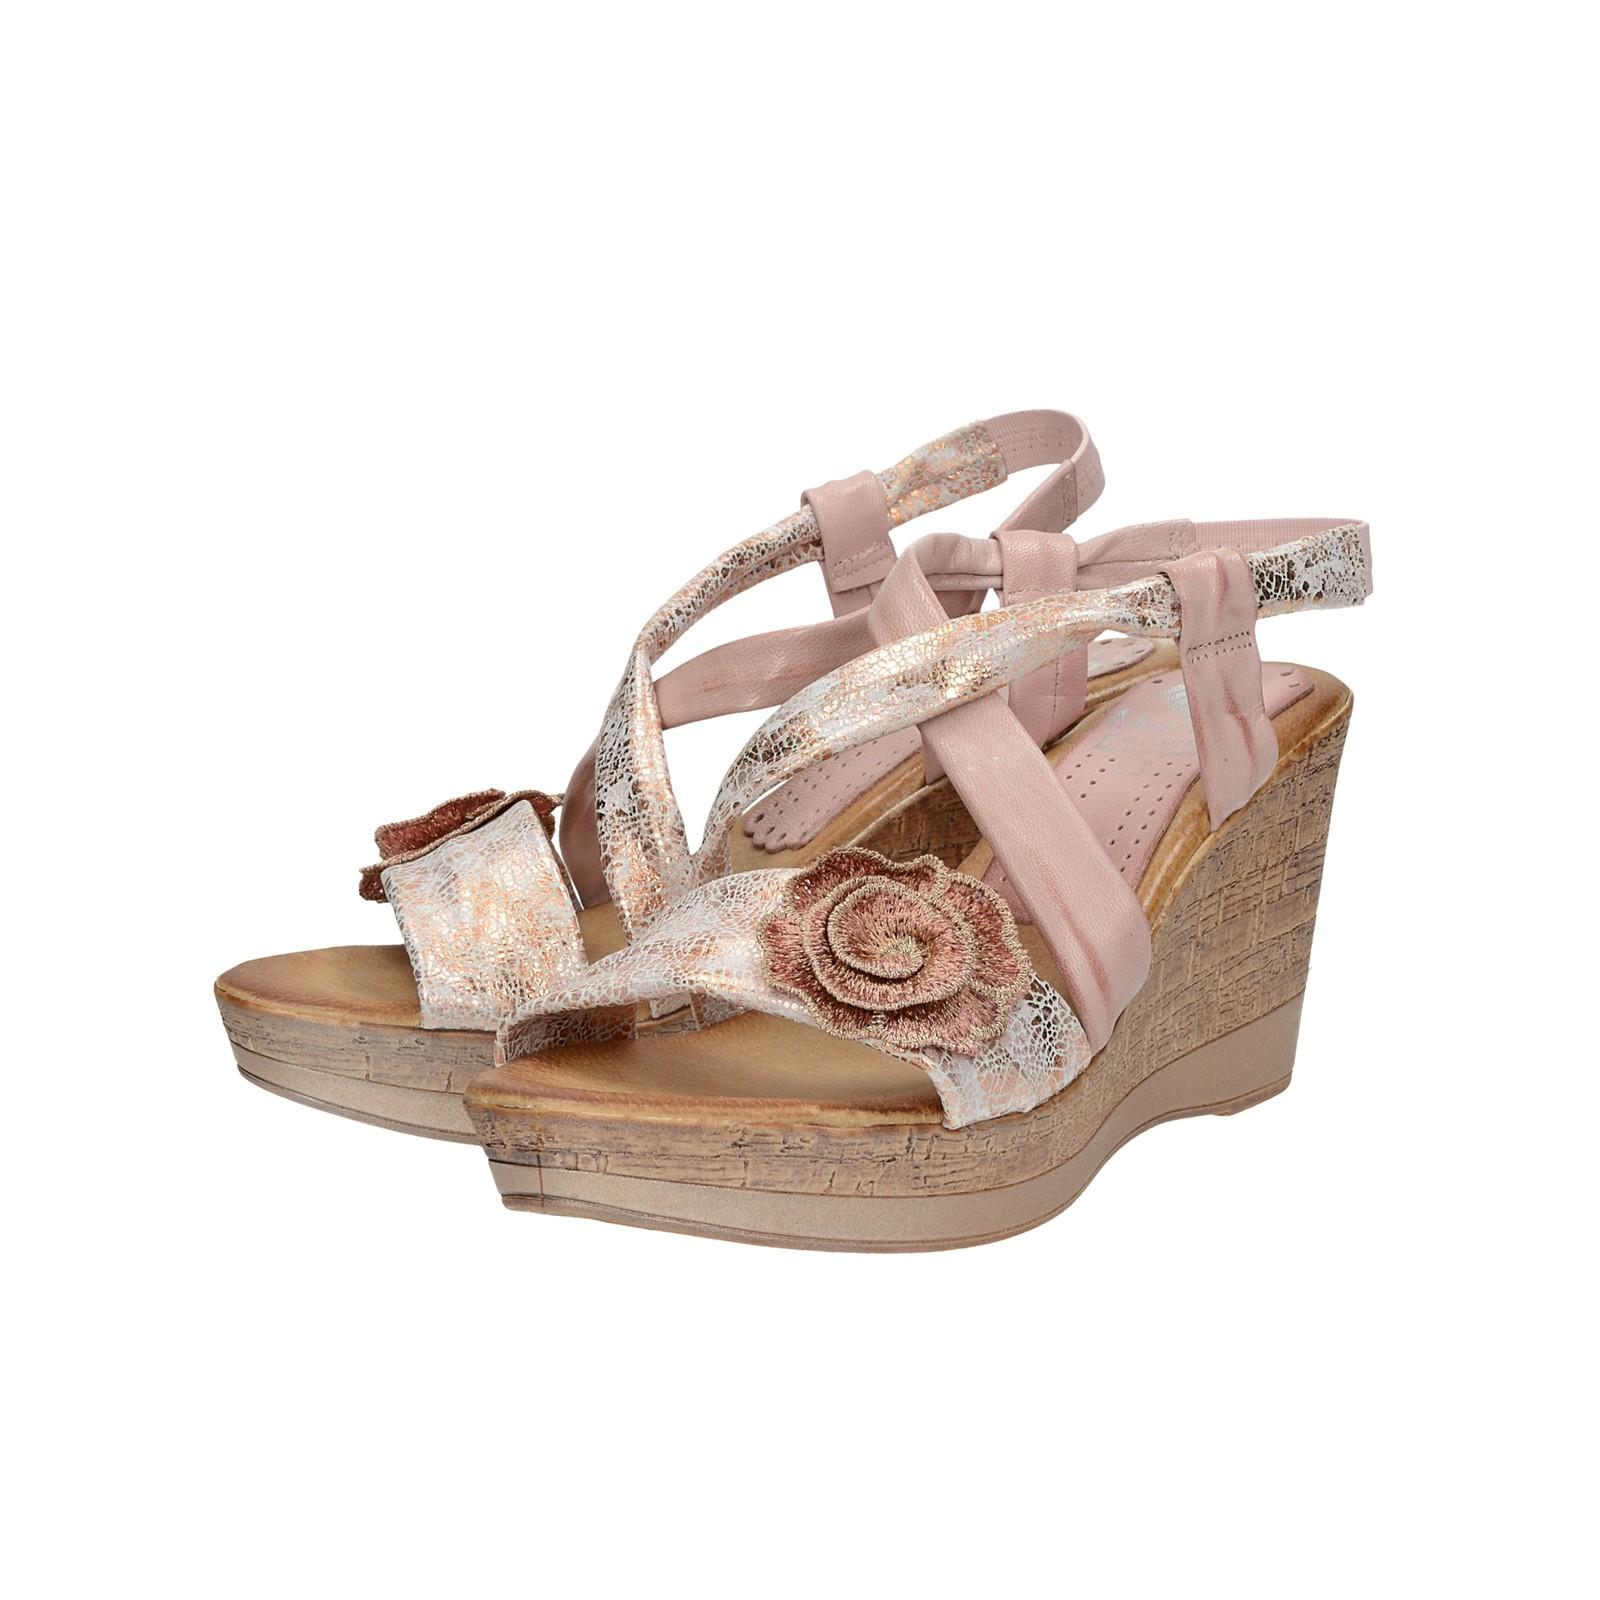 18b409ad3b03 Marila dámske kožené sandále na klinovej podrážke - ružové ...